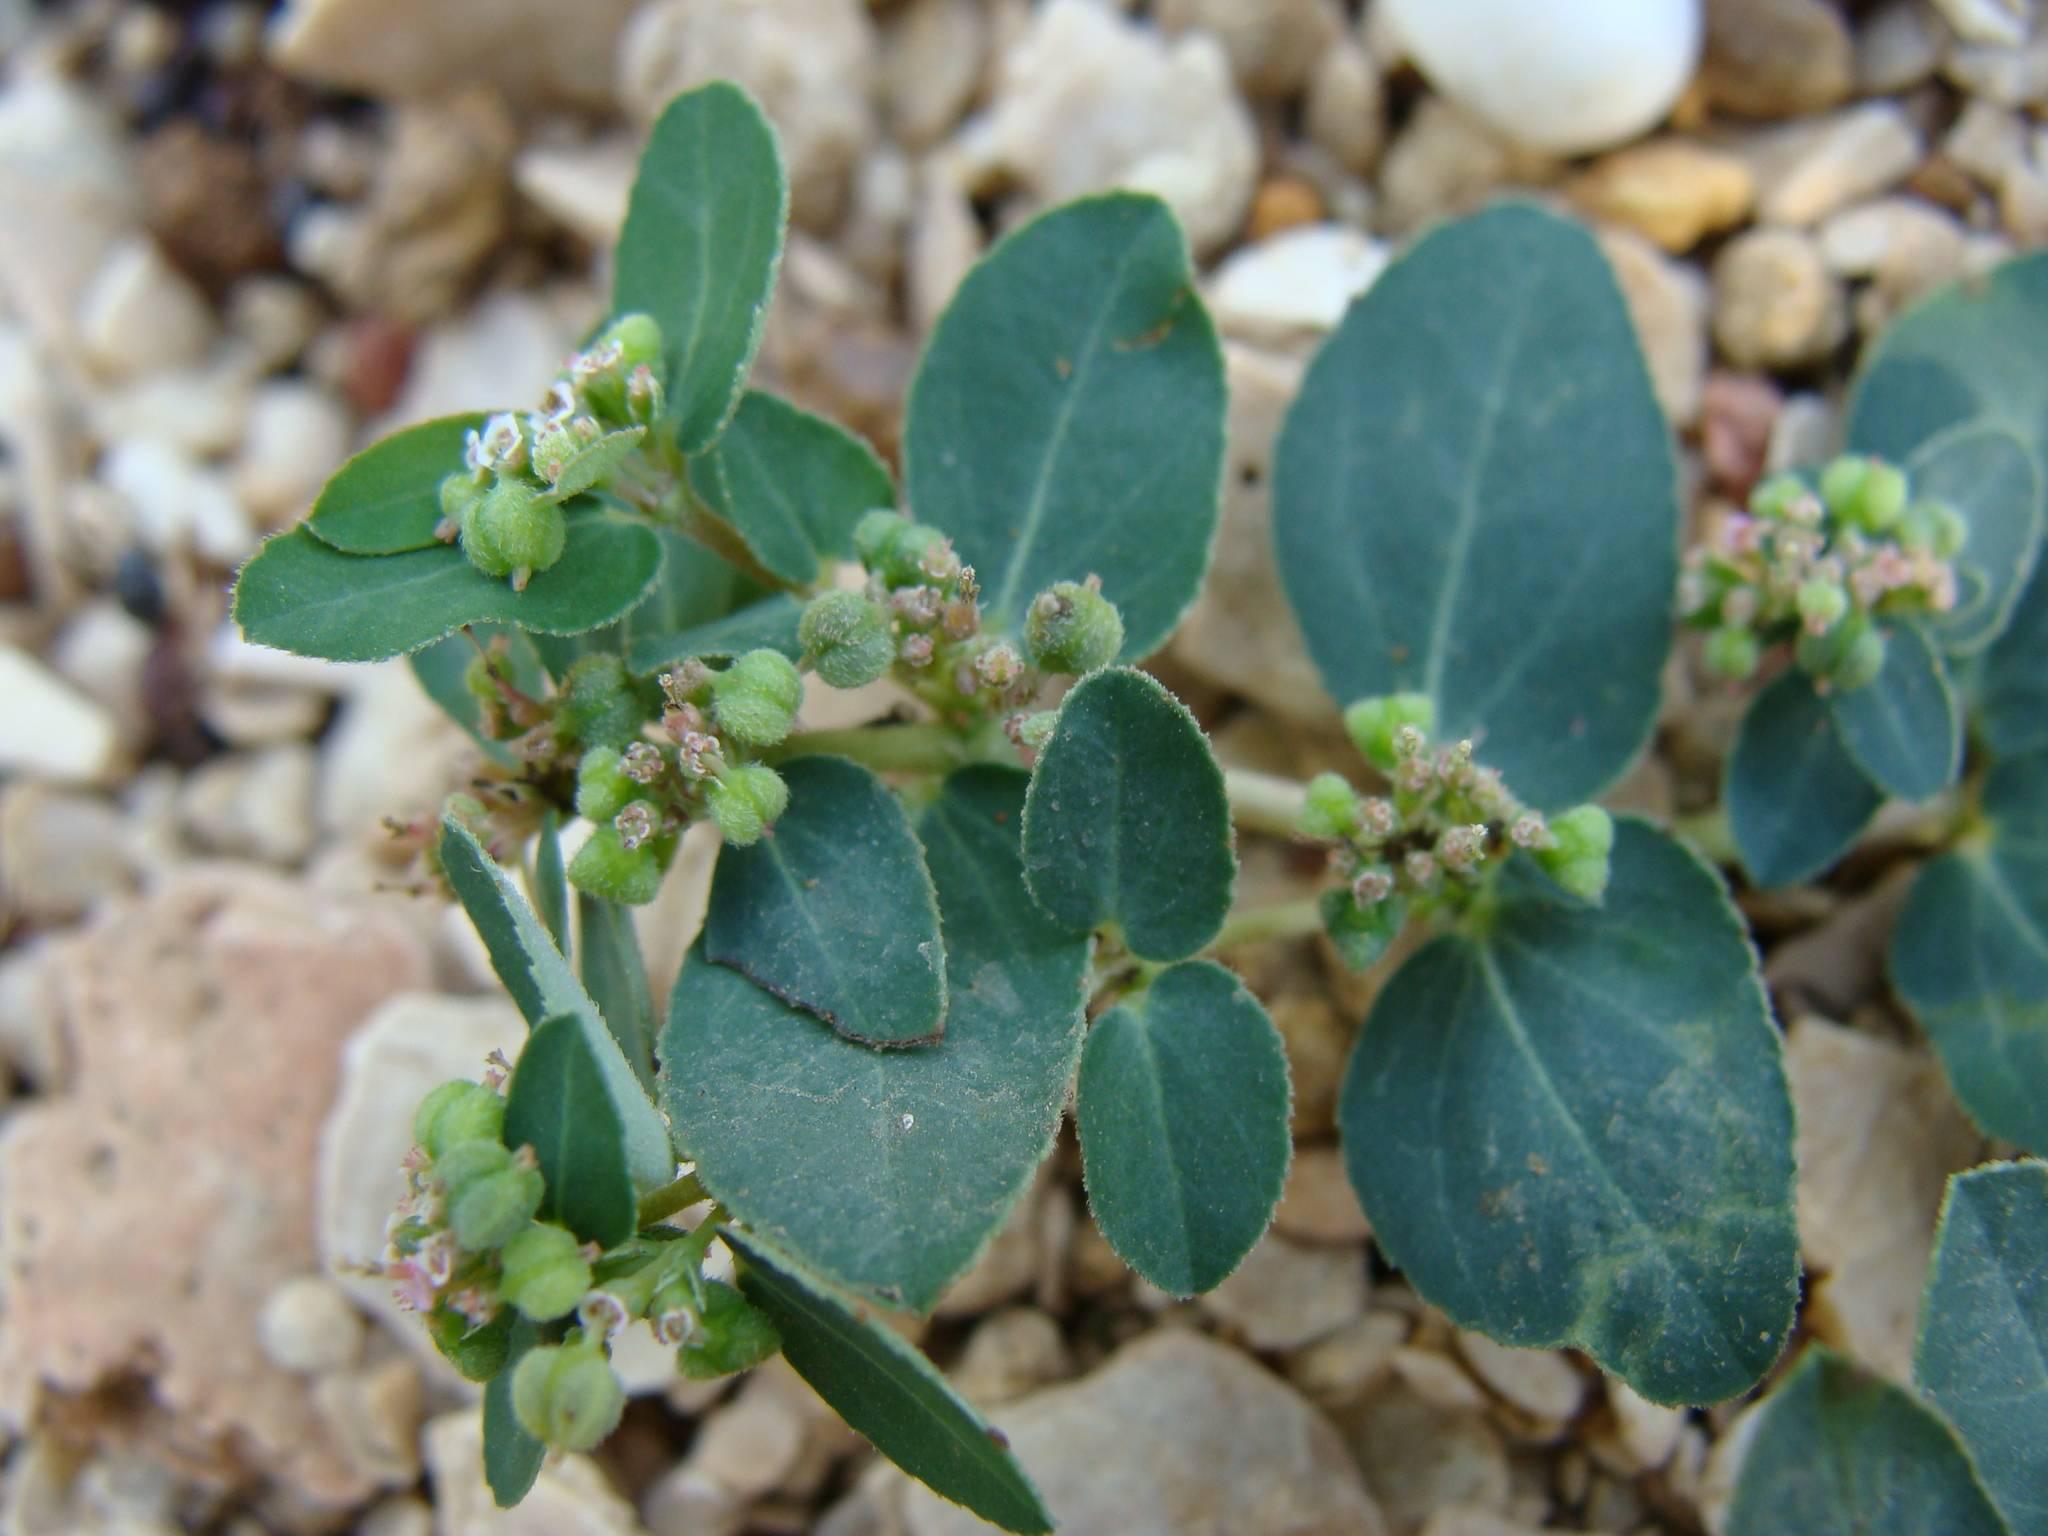 /wp-content/uploads/2020/10/kachchh_Gujarat_Euphorbiaceae%20species.jpg